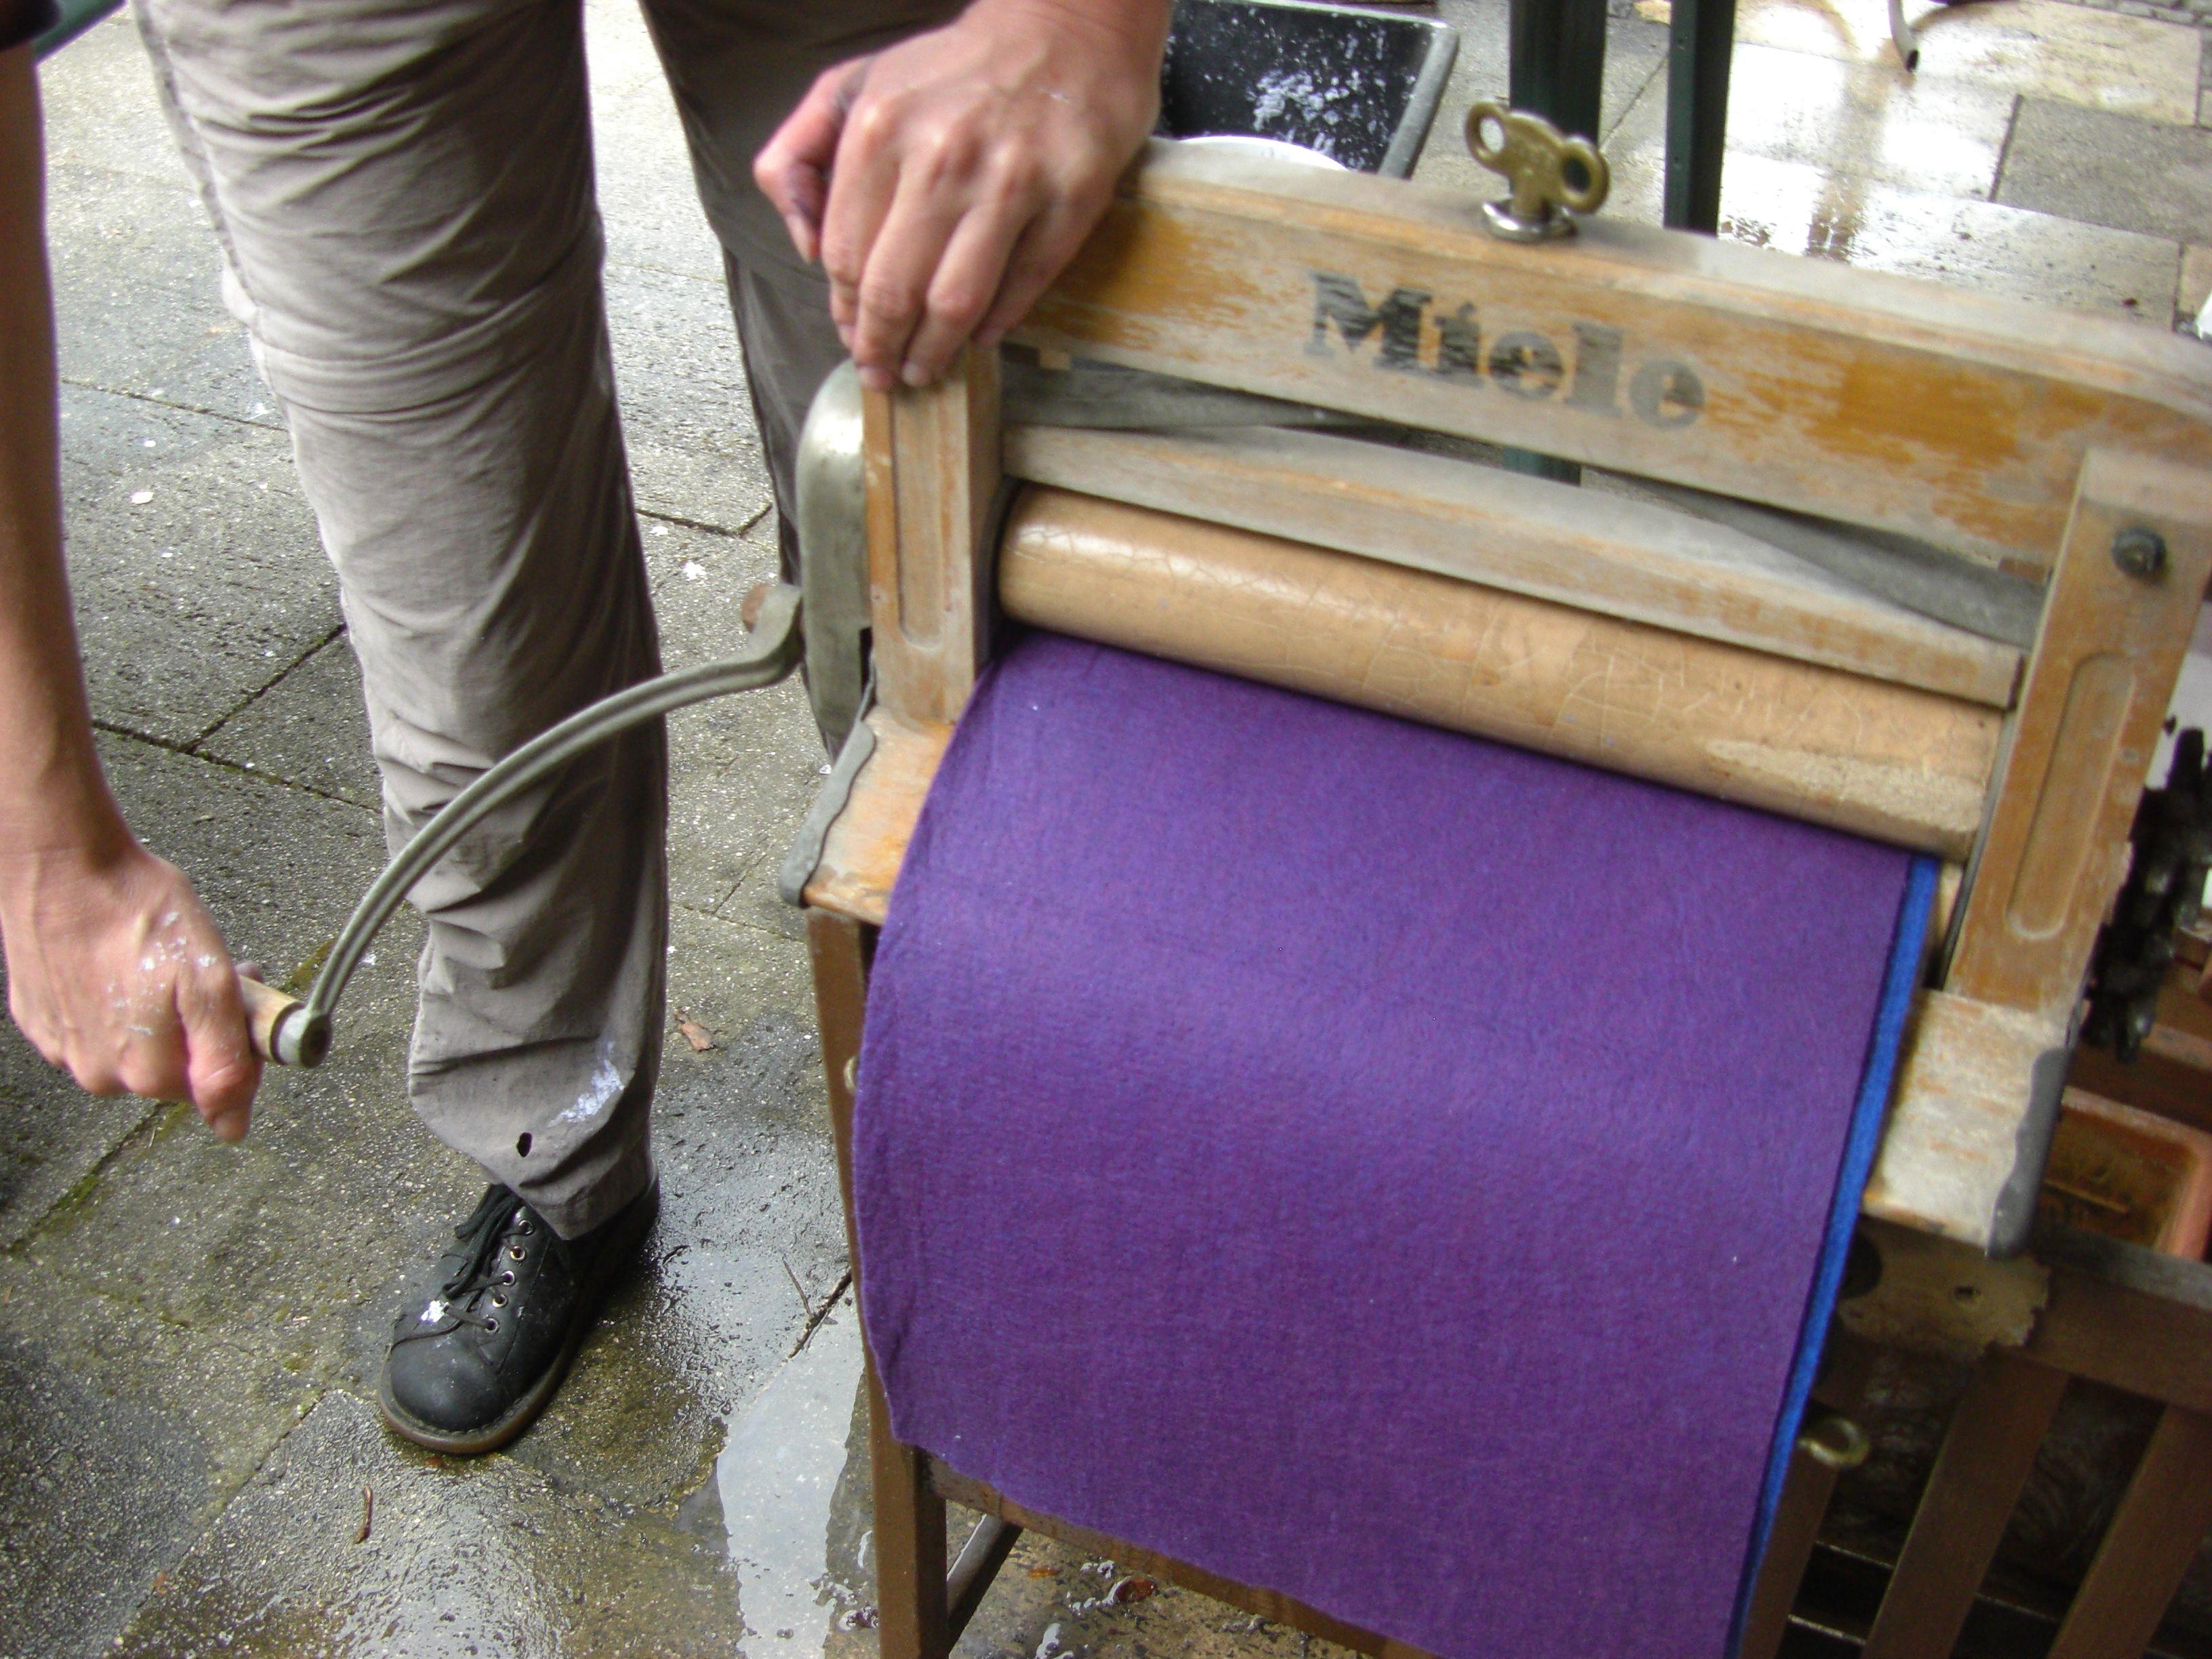 Mein neuer Wäschetrockner ;-)  --- Miele Wäschemangel. Genial um handgeschöpftes Papier durch die Mangel zu drehen! Das Papier muss zwischen zwei Fließe gelegt werden. Pin von Diana Stevens